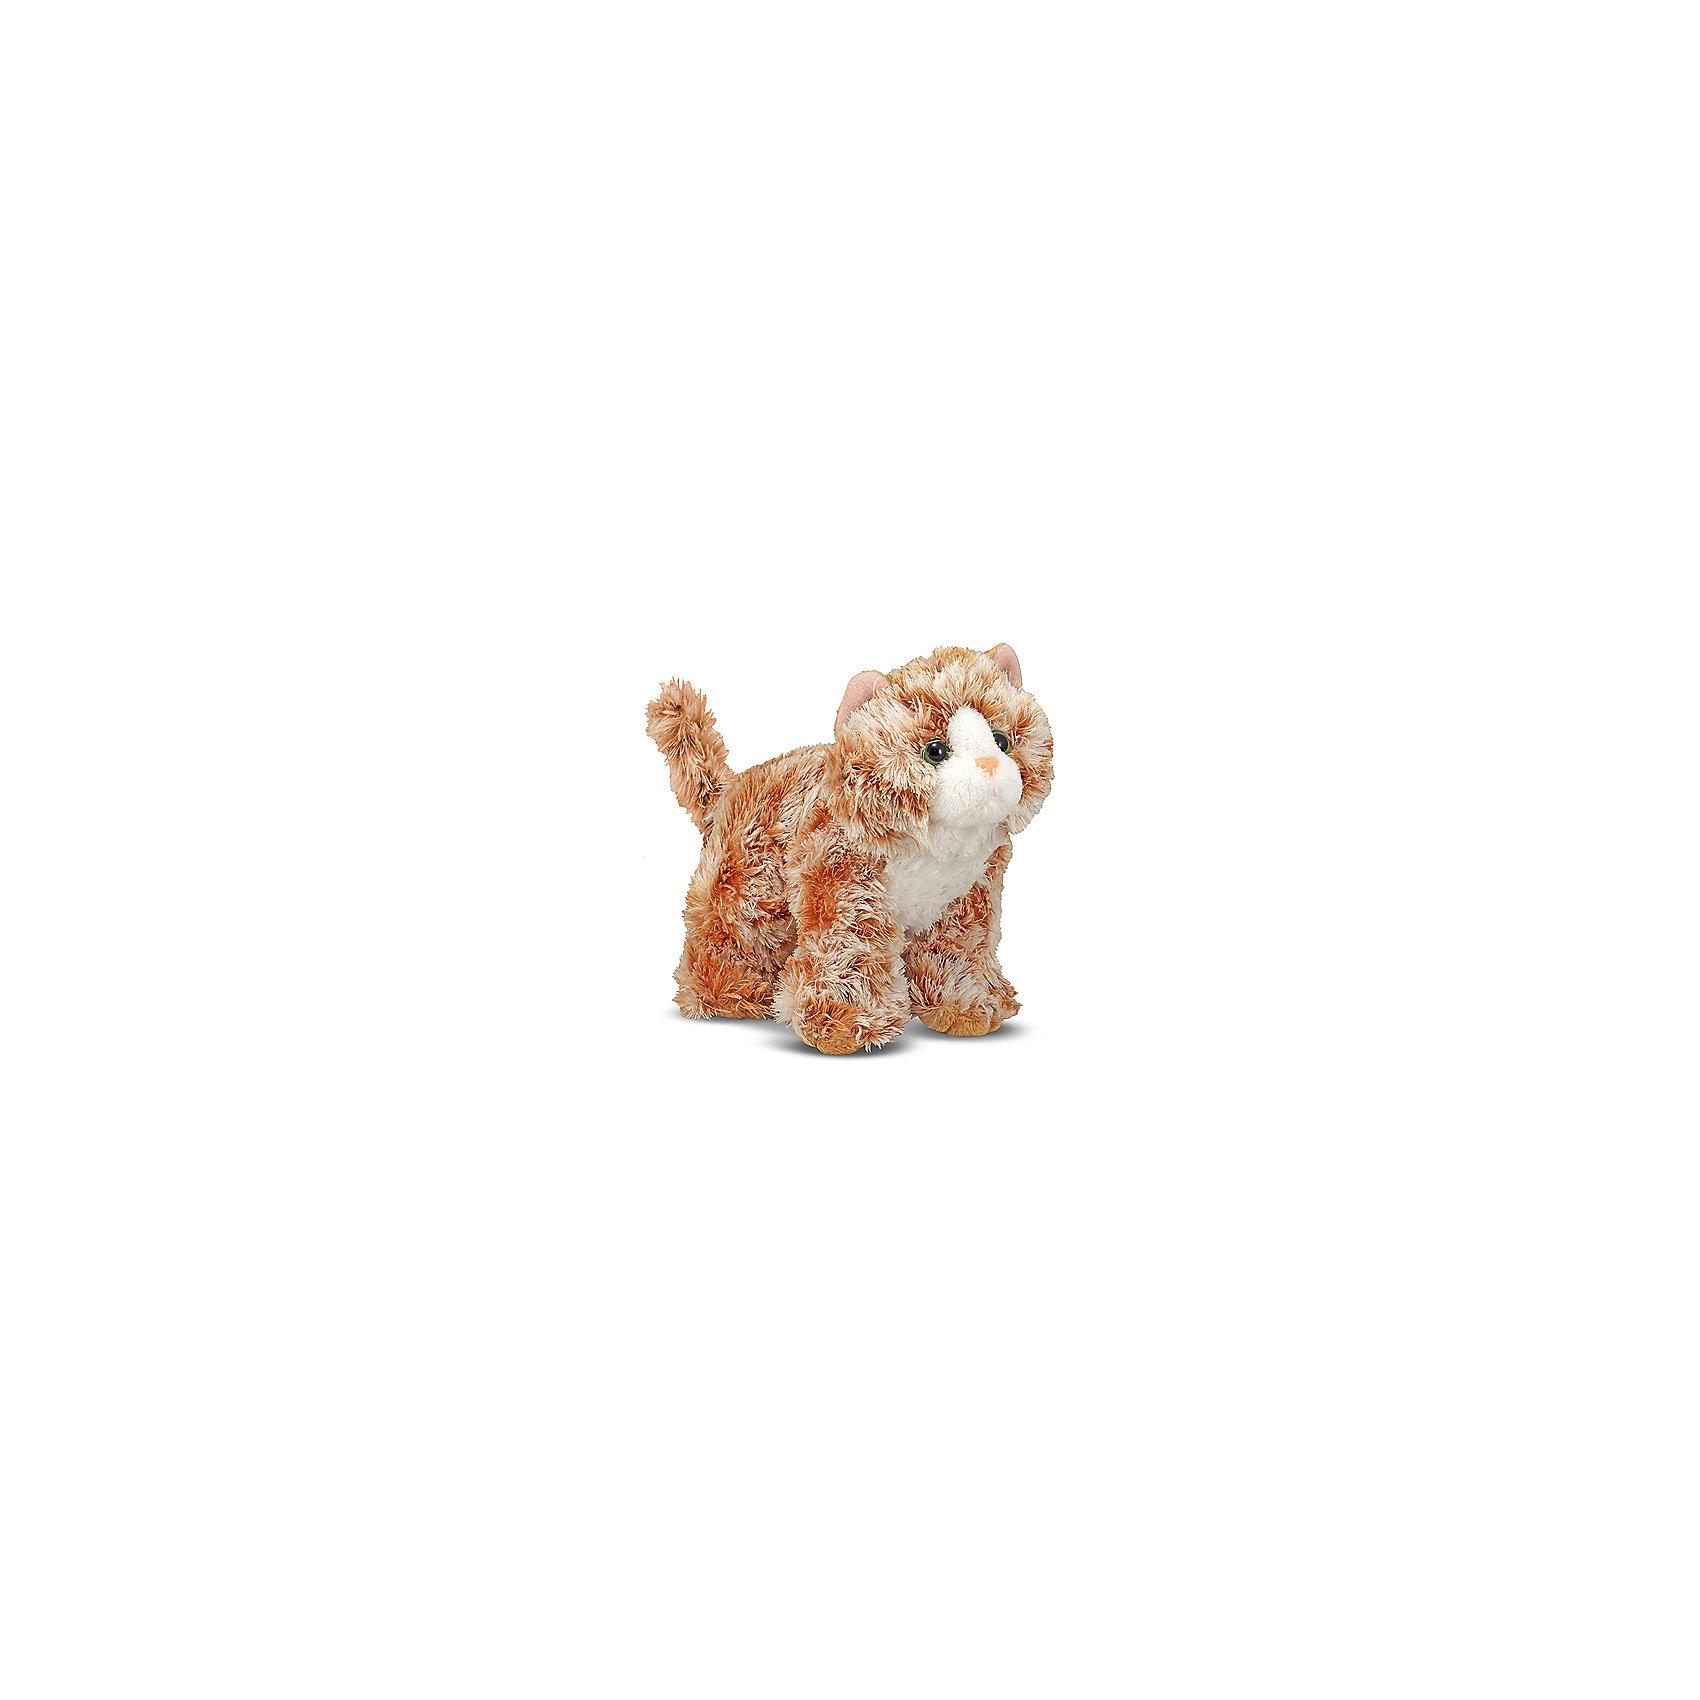 Мягкая игрушка Melissa&amp;Doug Рыжий кот Трикси, 13 смКошки и собаки<br><br><br>Ширина мм: 190<br>Глубина мм: 90<br>Высота мм: 120<br>Вес г: 90<br>Возраст от месяцев: 36<br>Возраст до месяцев: 2147483647<br>Пол: Унисекс<br>Возраст: Детский<br>SKU: 7054924